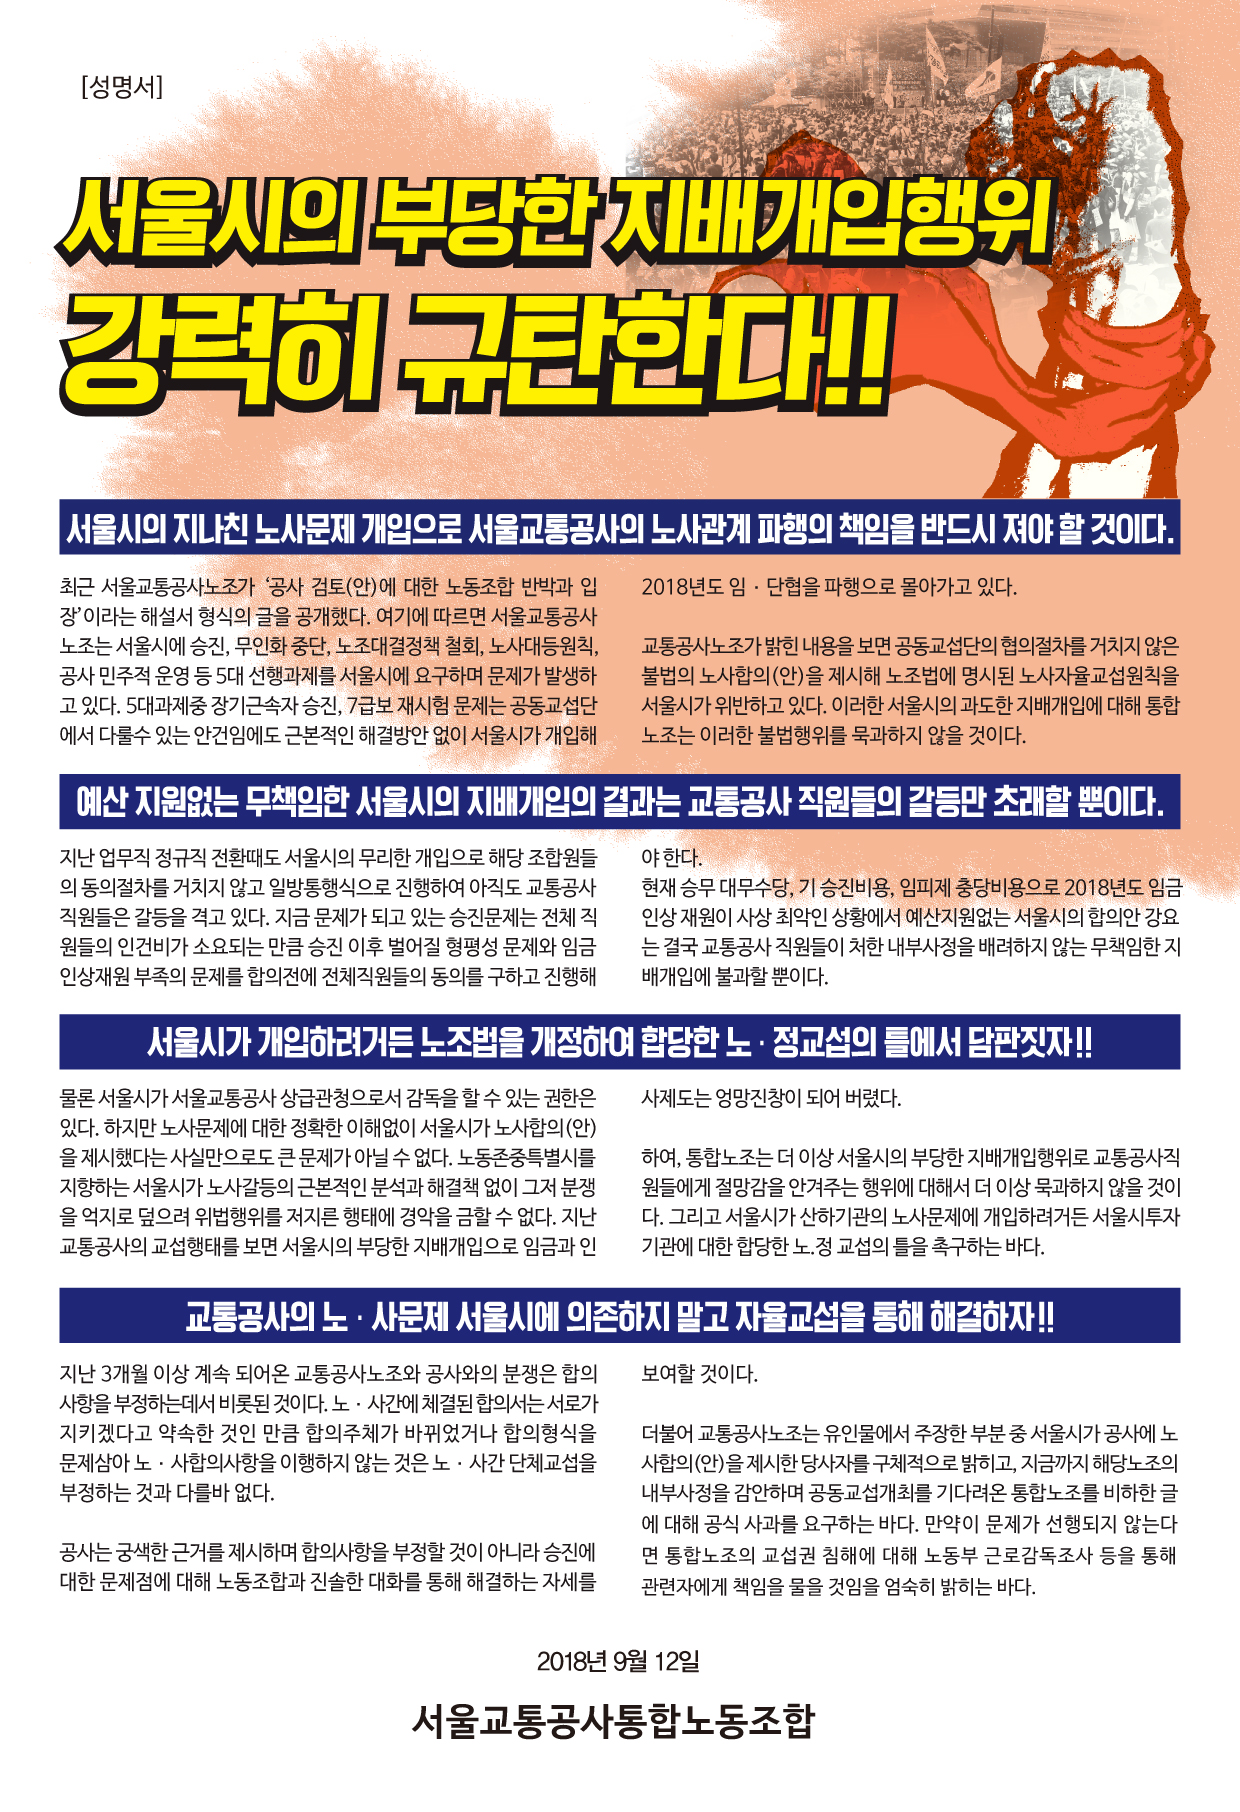 2018임단협성명서OK.jpg